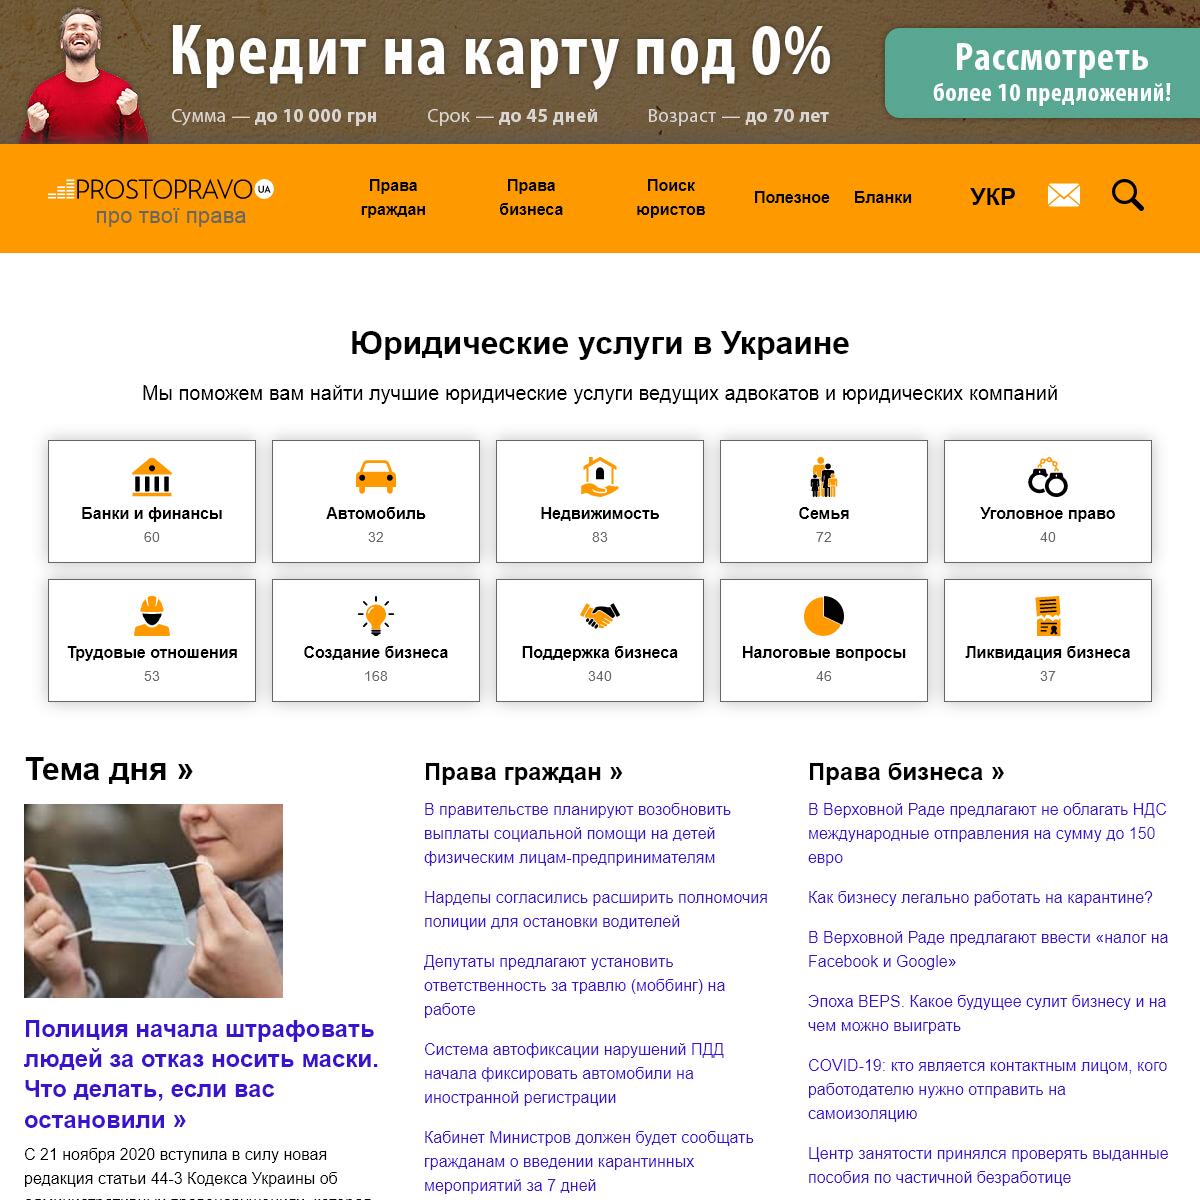 Гражданское и хозяйственное право в Украине в 2020 году - советы и консу�